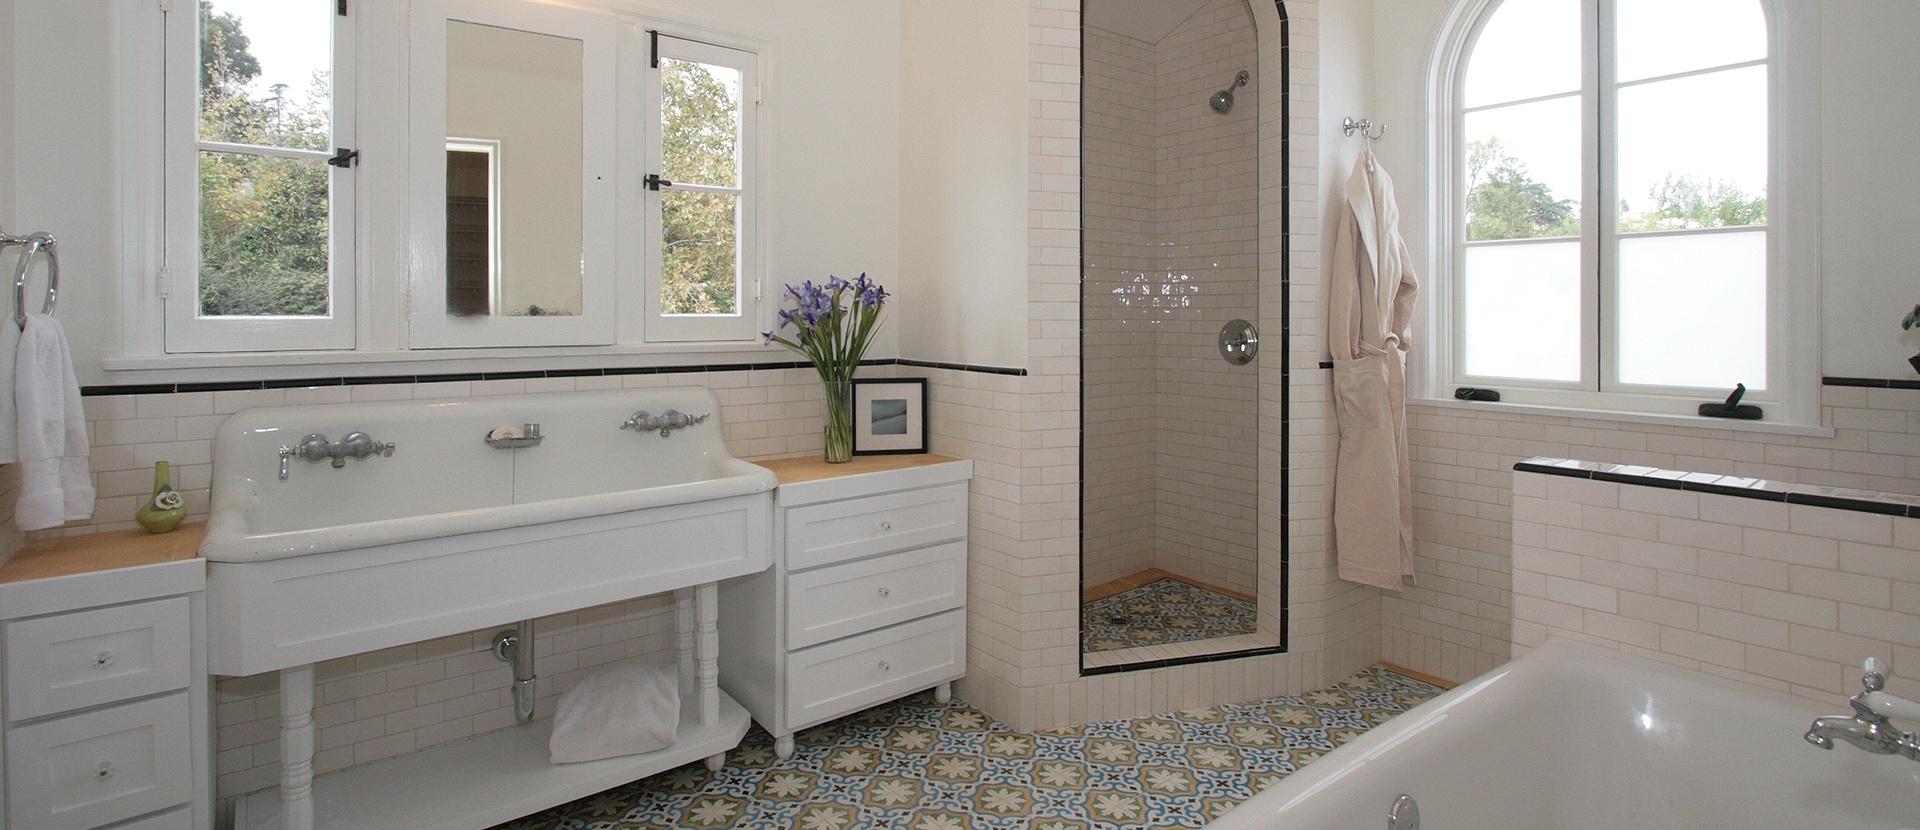 005-los-feliz-bathroom-double-pedestal-sink-cement-tile-custom-cabinets-arched-shower-light-pink-subway-tile